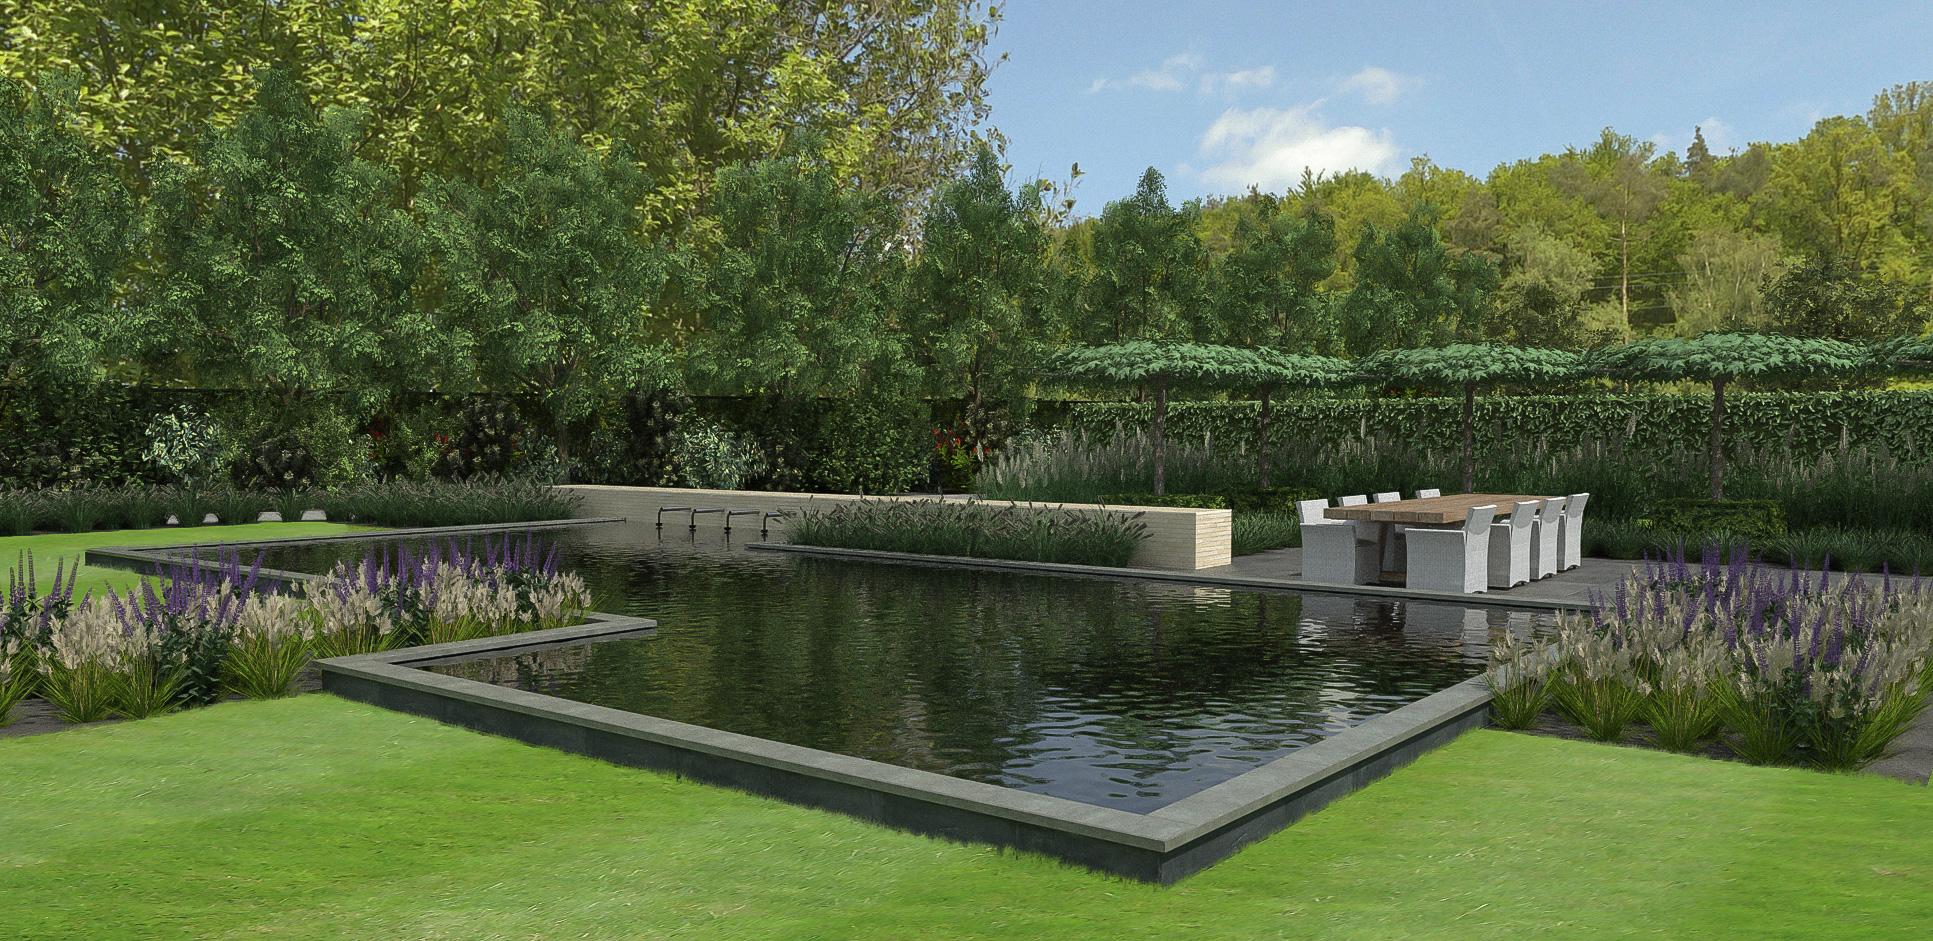 Tuin ontwerpen 3d trendy d tuinontwerp tuin met stalen for 3d tuin ontwerpen